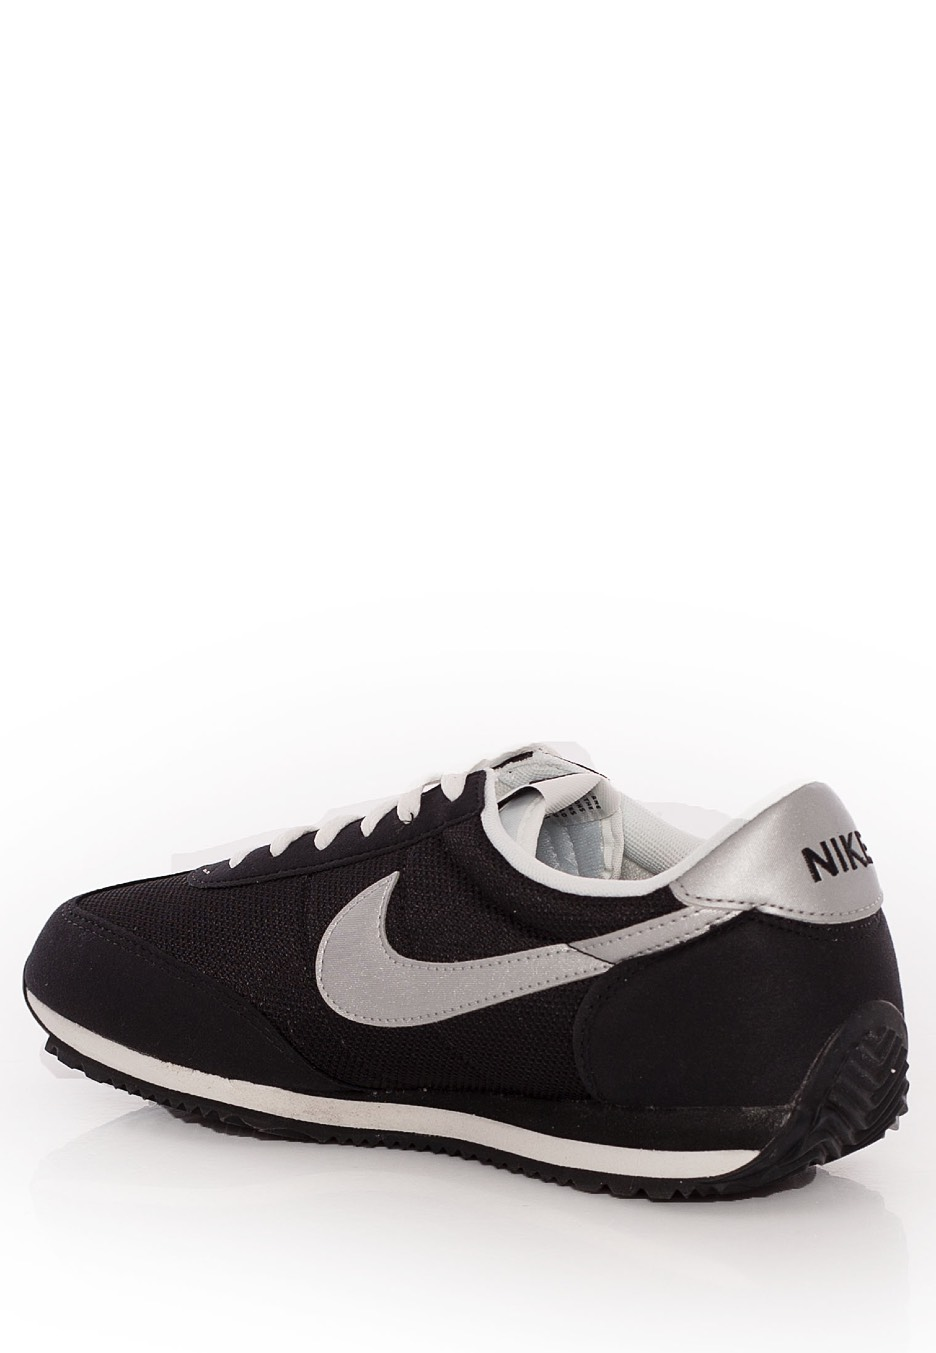 pretty nice 63c65 2abe6 ... Nike - Oceania BlackMetallic SilverSummit White - Girl Shoes ...